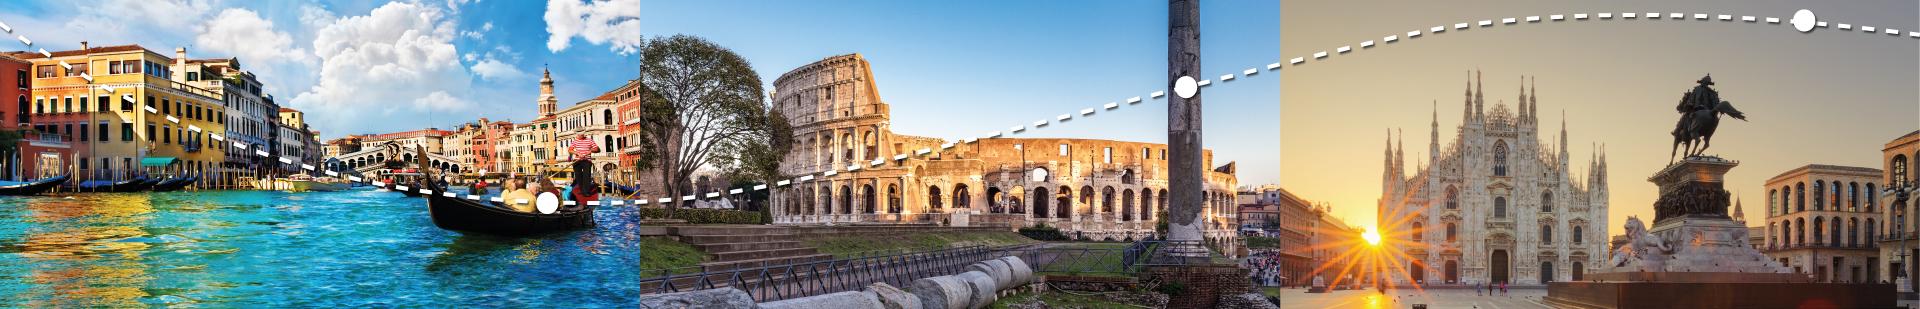 Tуры по Италии